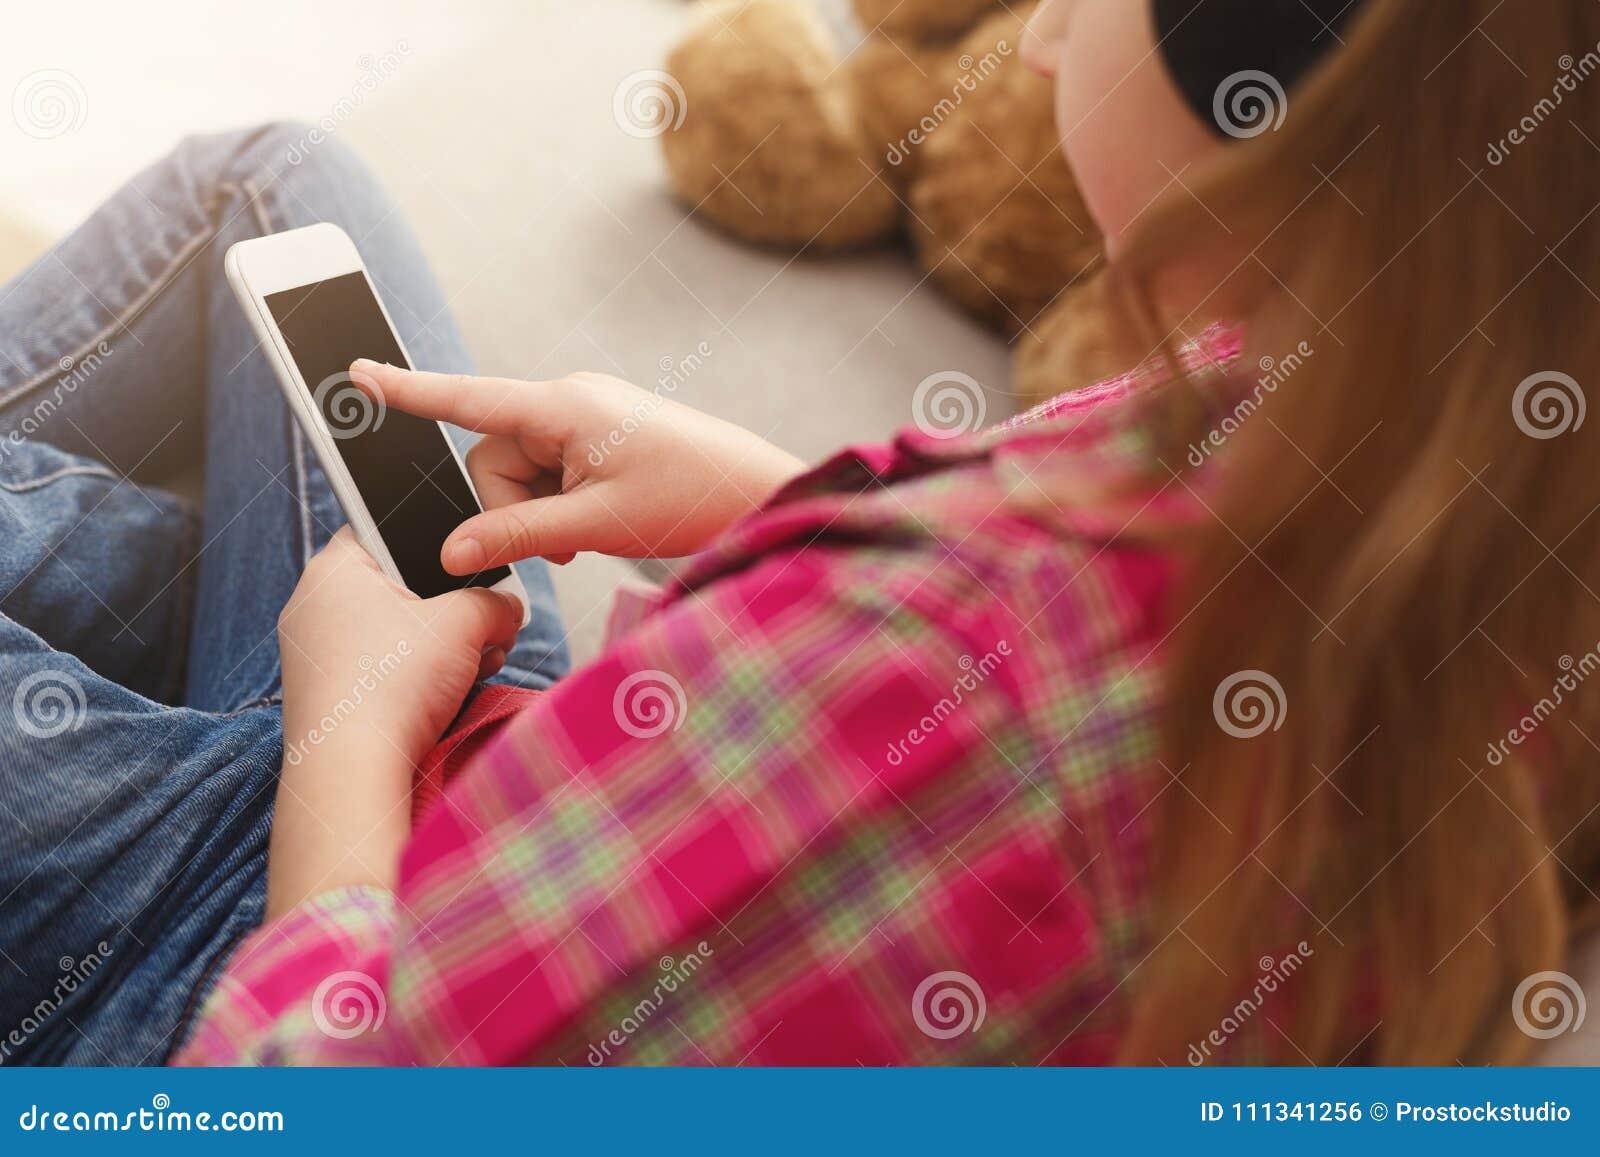 Opinión de Overshoulder sobre niña con smartphone